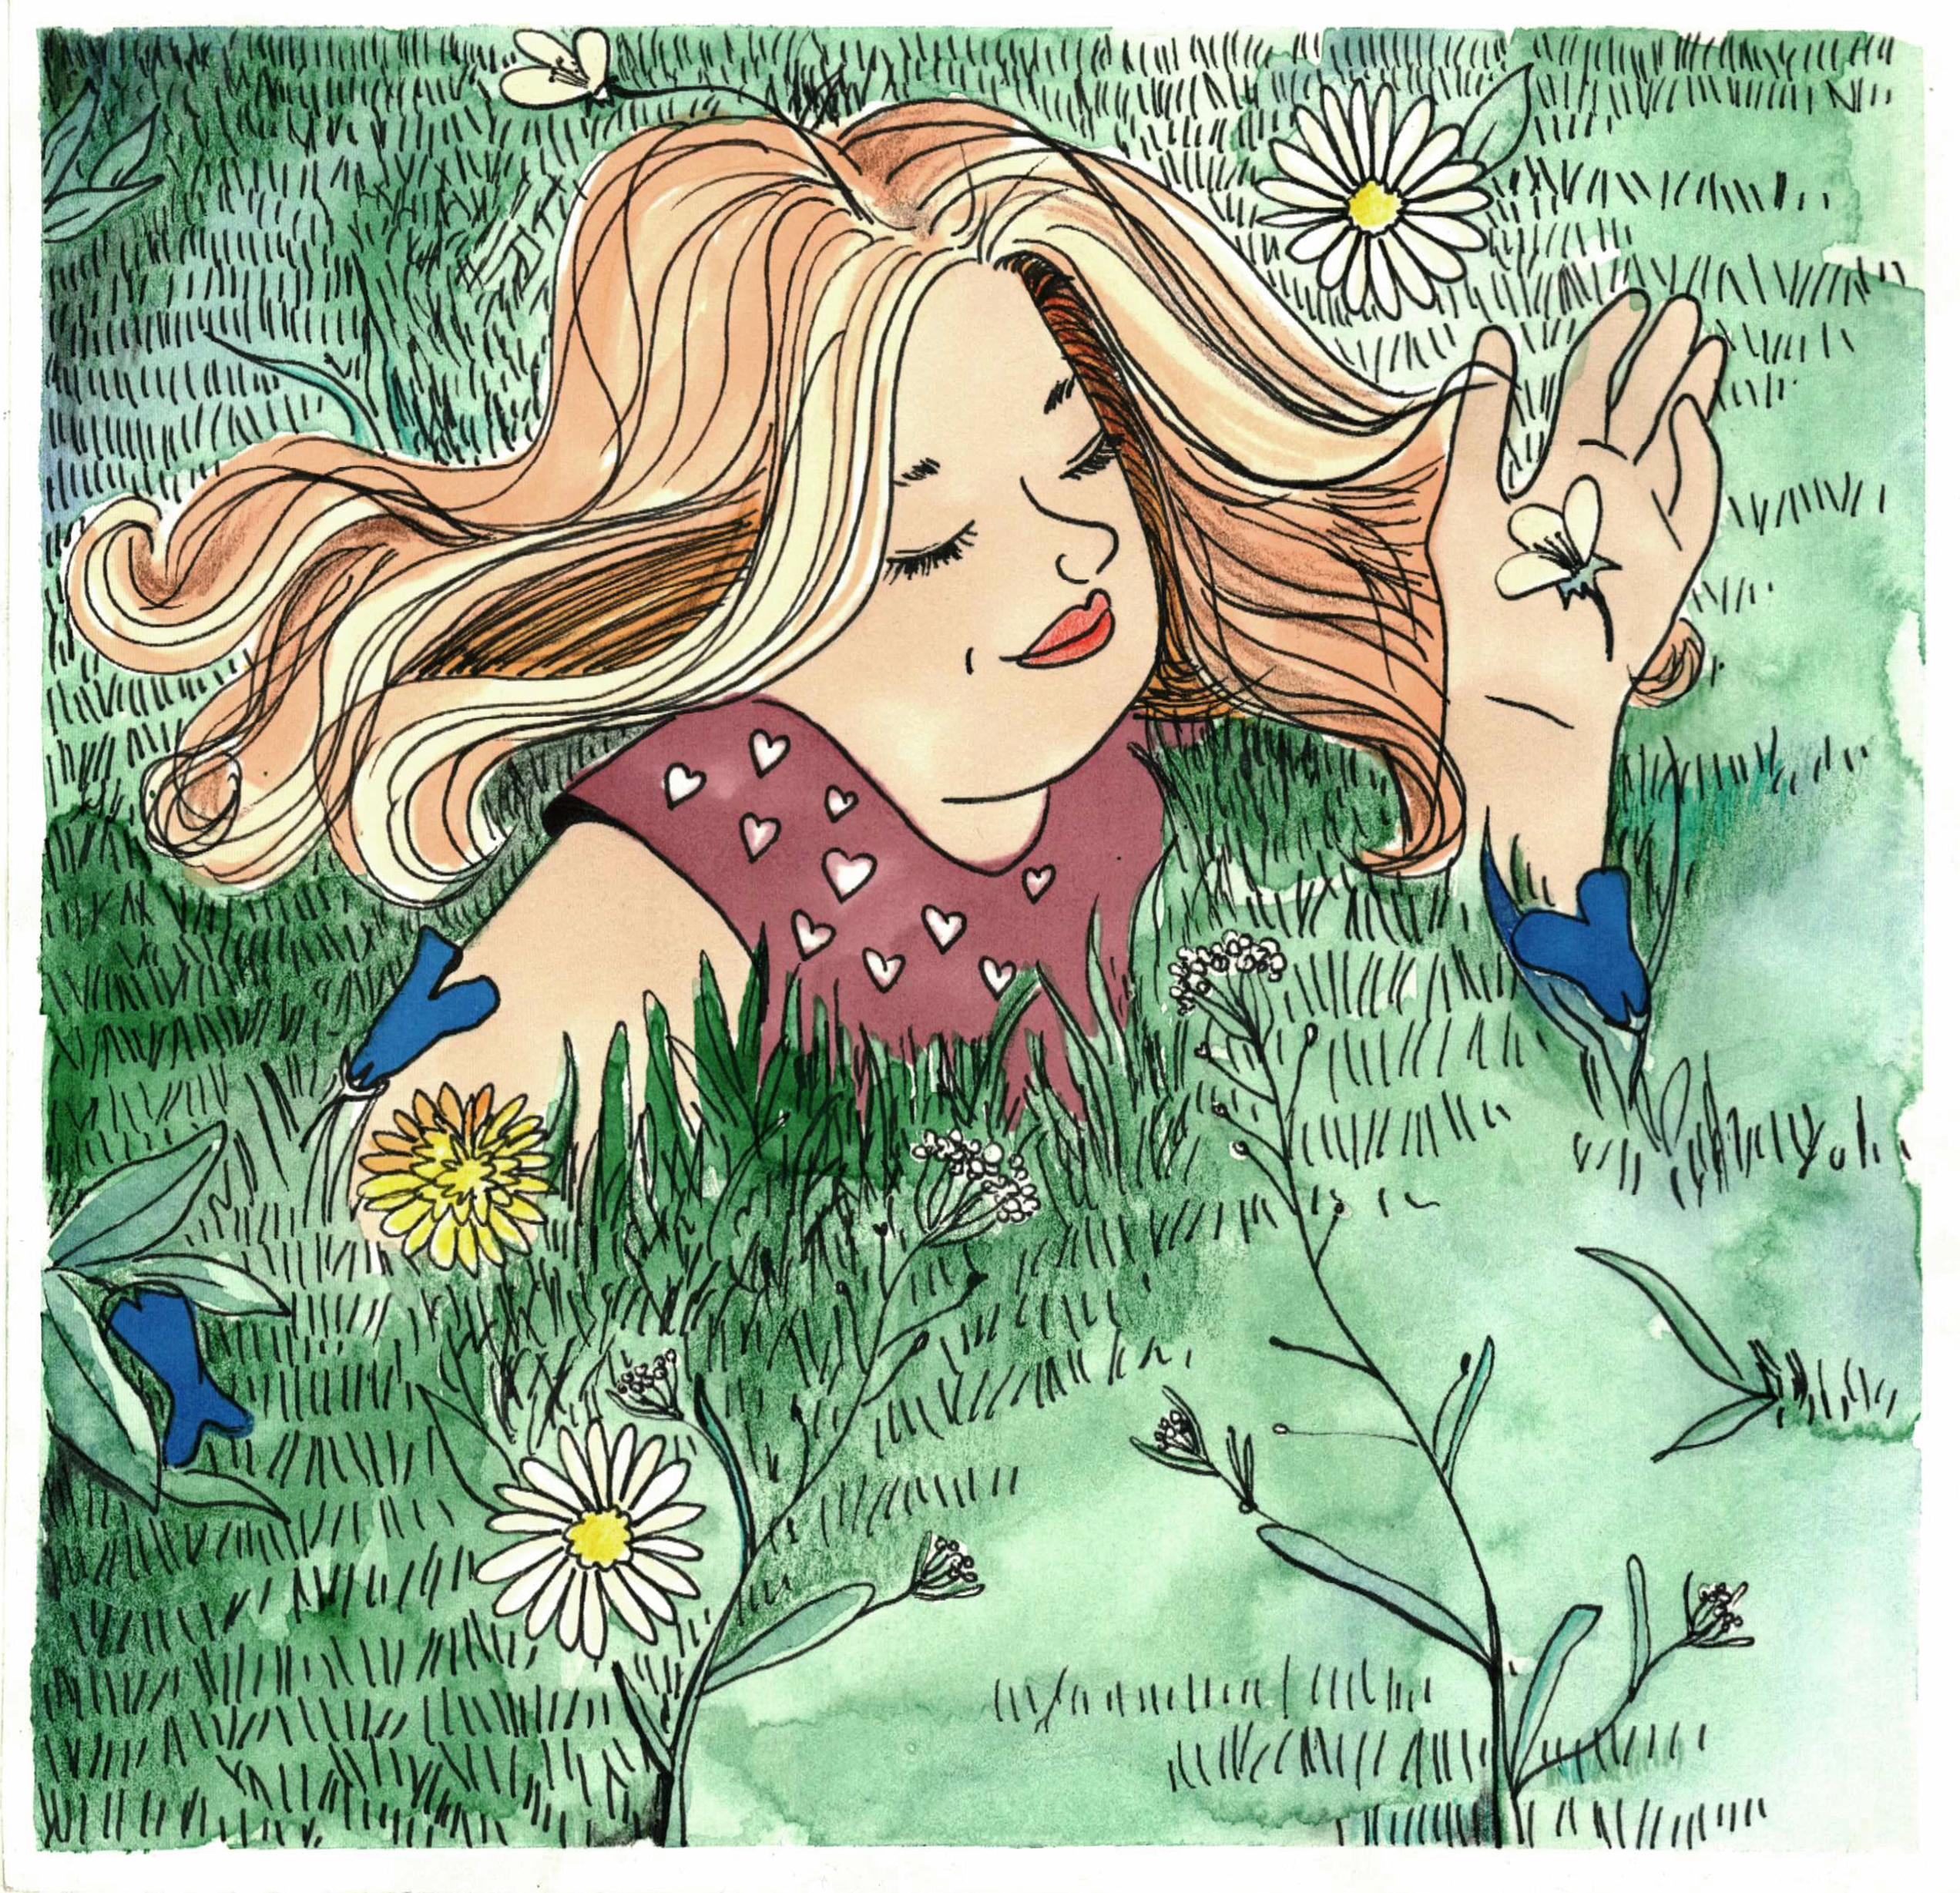 jedność z naturą ilustracja maria inspires